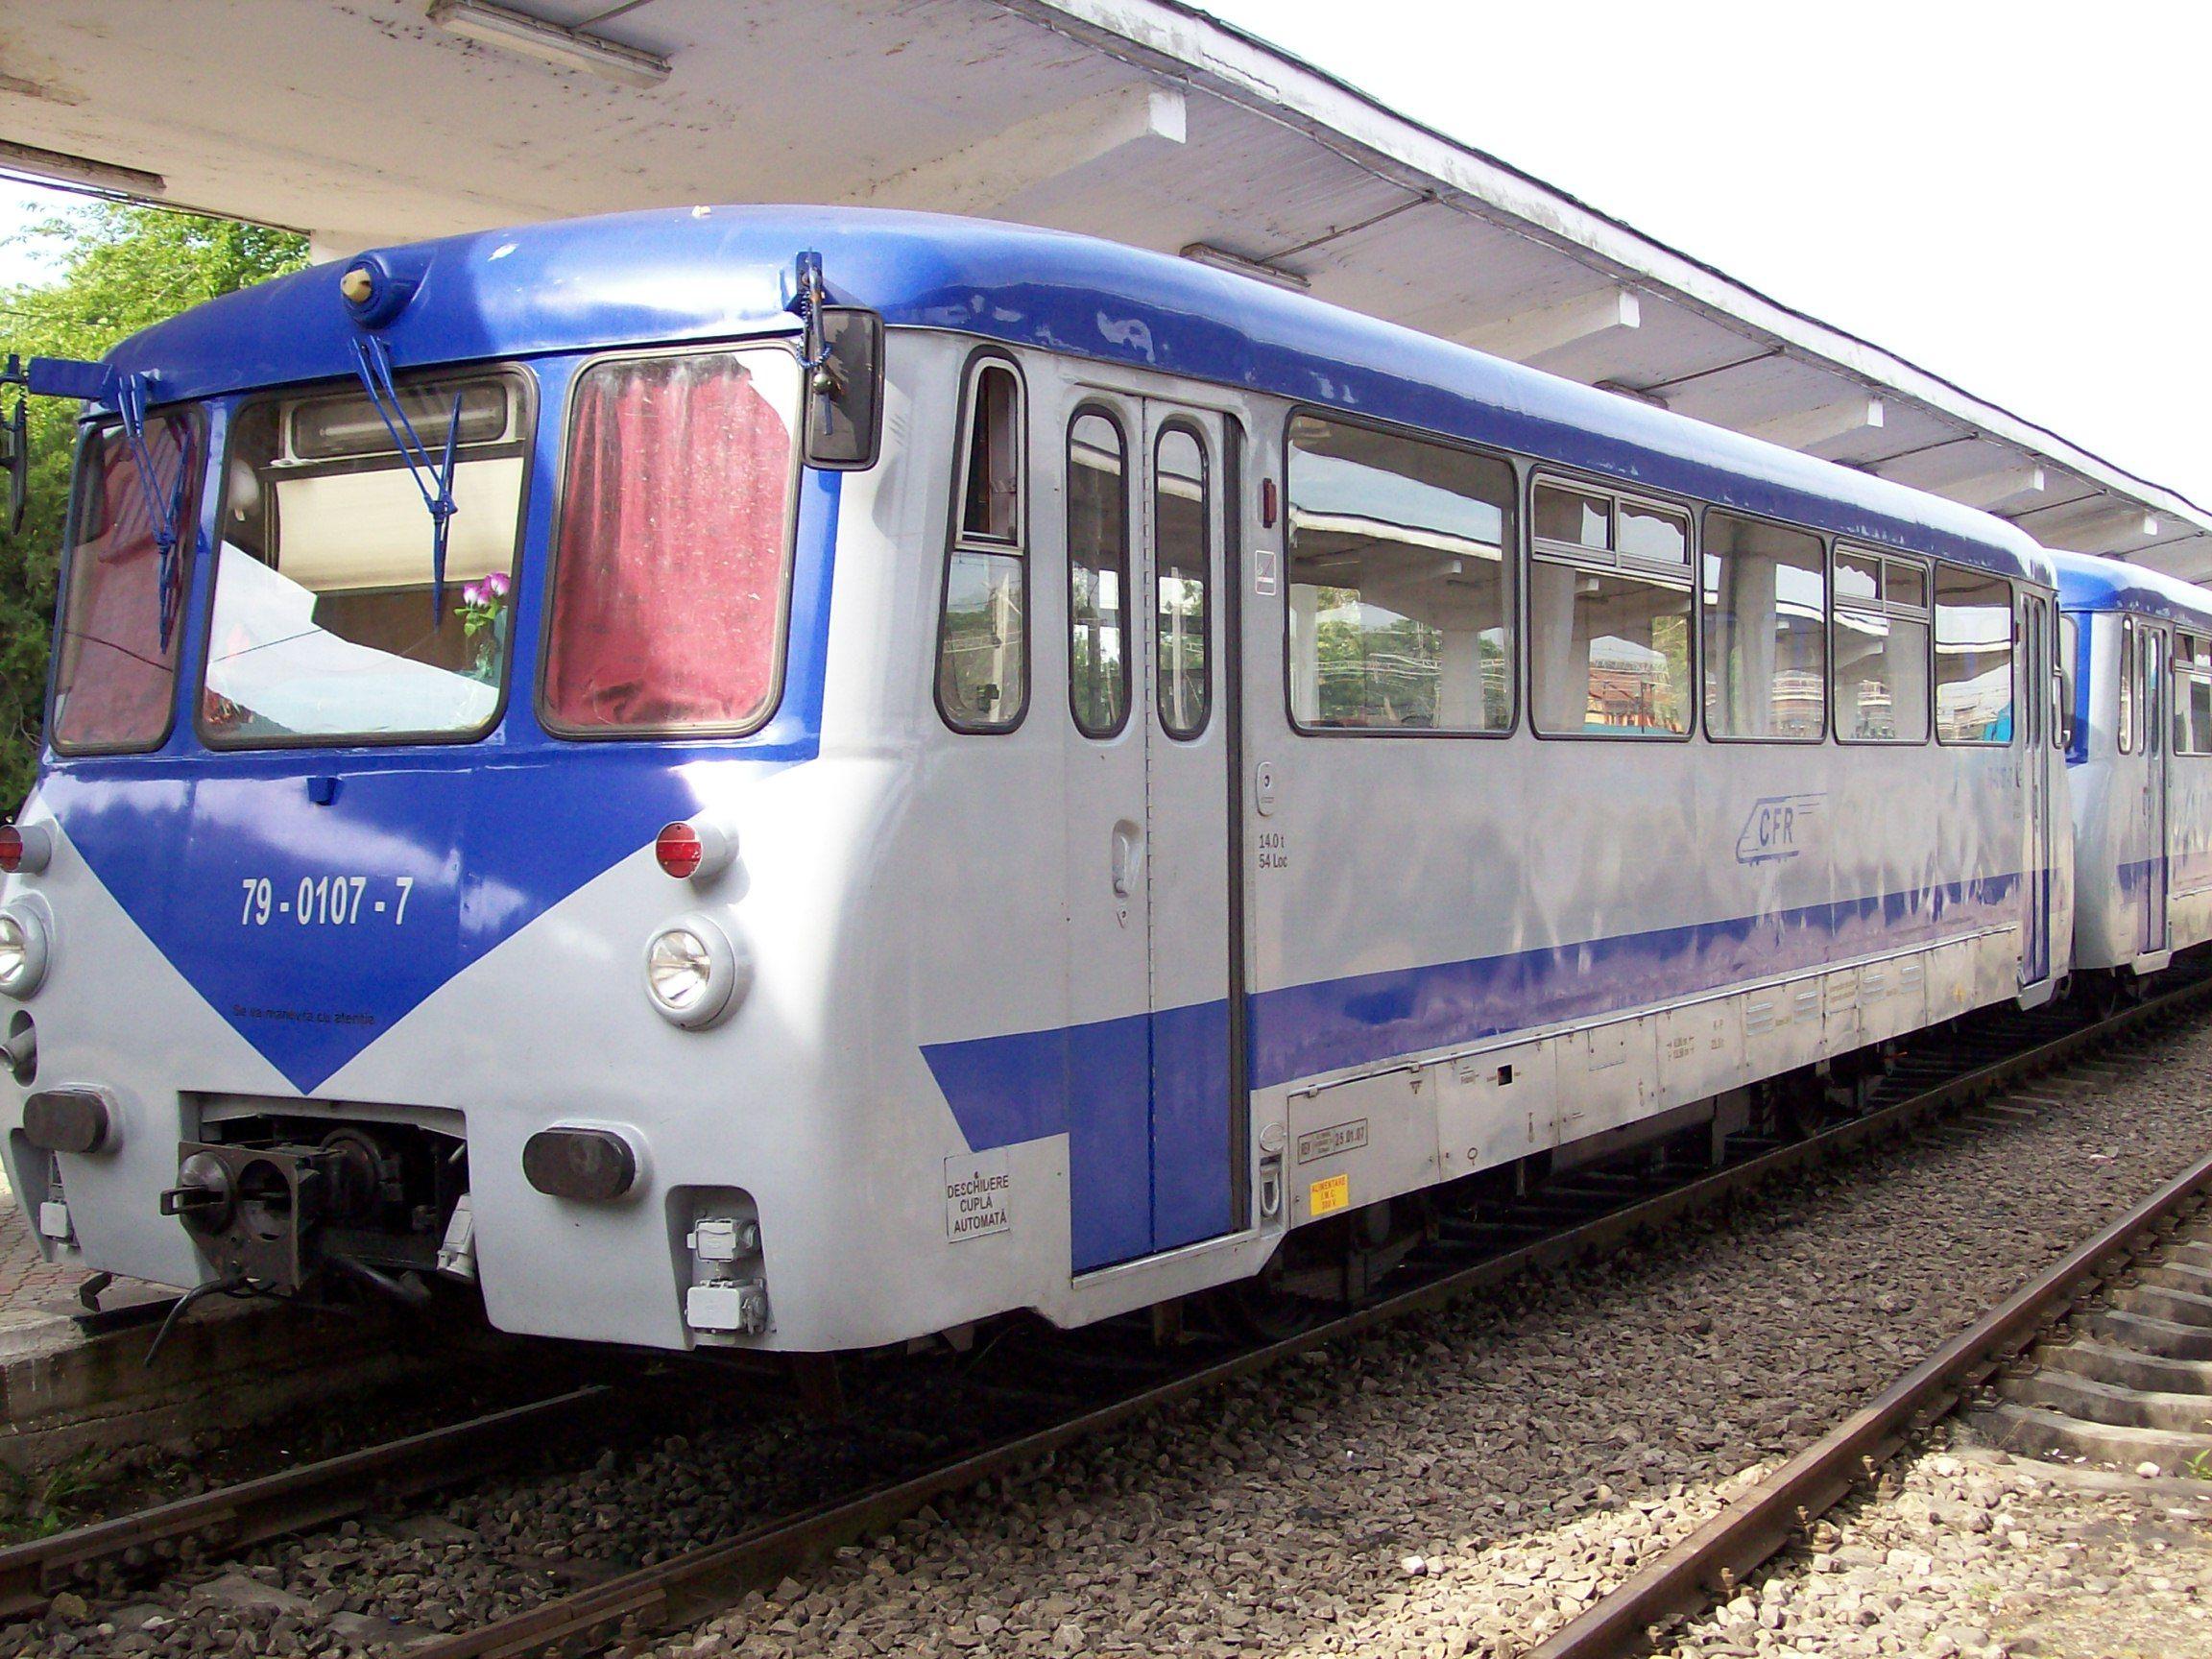 Majoritatea companiilor din subordinea Ministerului Transporturilor au reuşit să ajungă pe profit operaţional, după aplicarea unor măsuri pentru îmbunătăţirea performanţelor economice